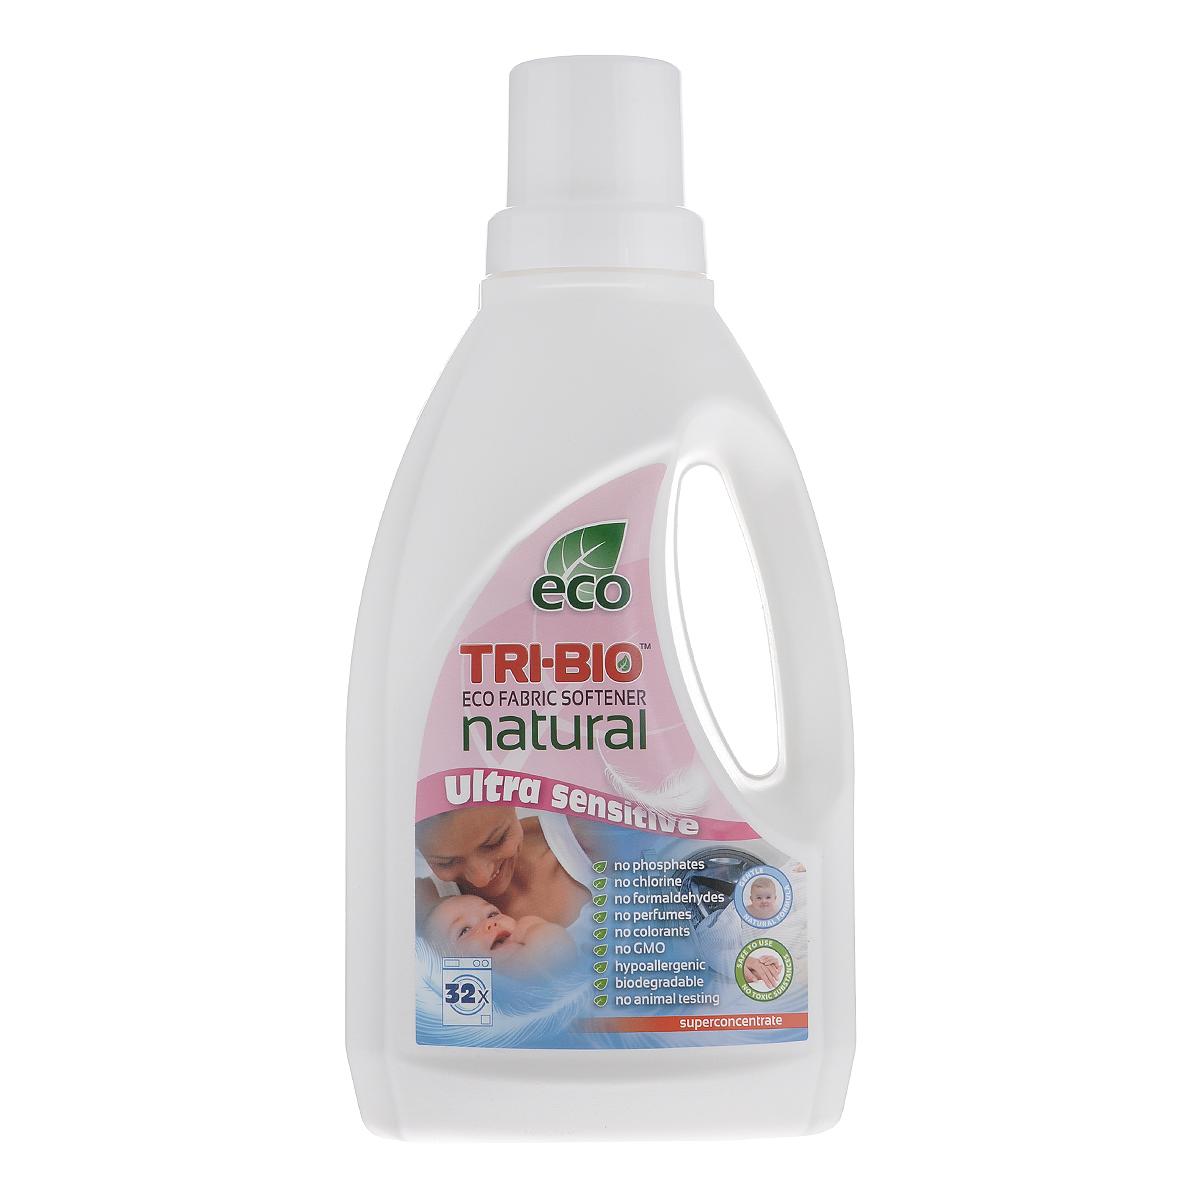 Натуральный кондиционер-смягчитель для белья Tri-Bio, 940 мл0340Эффективная ультра-нежная формула основана на био-энзимах и натуральных растительных и минеральных компонентах. Суперконцентрат расчитан на 32 стирки. Безопасная альтернатива химическим аналогам. Формула кондиционера -смягчителя достаточно нежная для чувствительной детской кожи. Идеально подходит для детского белья и людей с чувствительной кожей. Не содержит ароматов и красителей, рекомендуются для людей, склонных к аллергиям и астме. Для здоровья: Не содержит жесткие химические вещества, токсические вещества, агрессивные абразивные вещества, агрессивные растворители, хлор отбеливающих веществ, фосфаты, нонилфенолы, красители и ароматизаторы, гипоаллергенно.Для окружающей среды: Низкий уровень ЛОС, легко биоразлагаемо, минимальное влияние на водные организмы, рециклируемые упаковочные материалы, не испытывалось на животных.Присвоен сертификат ECO GREEN.